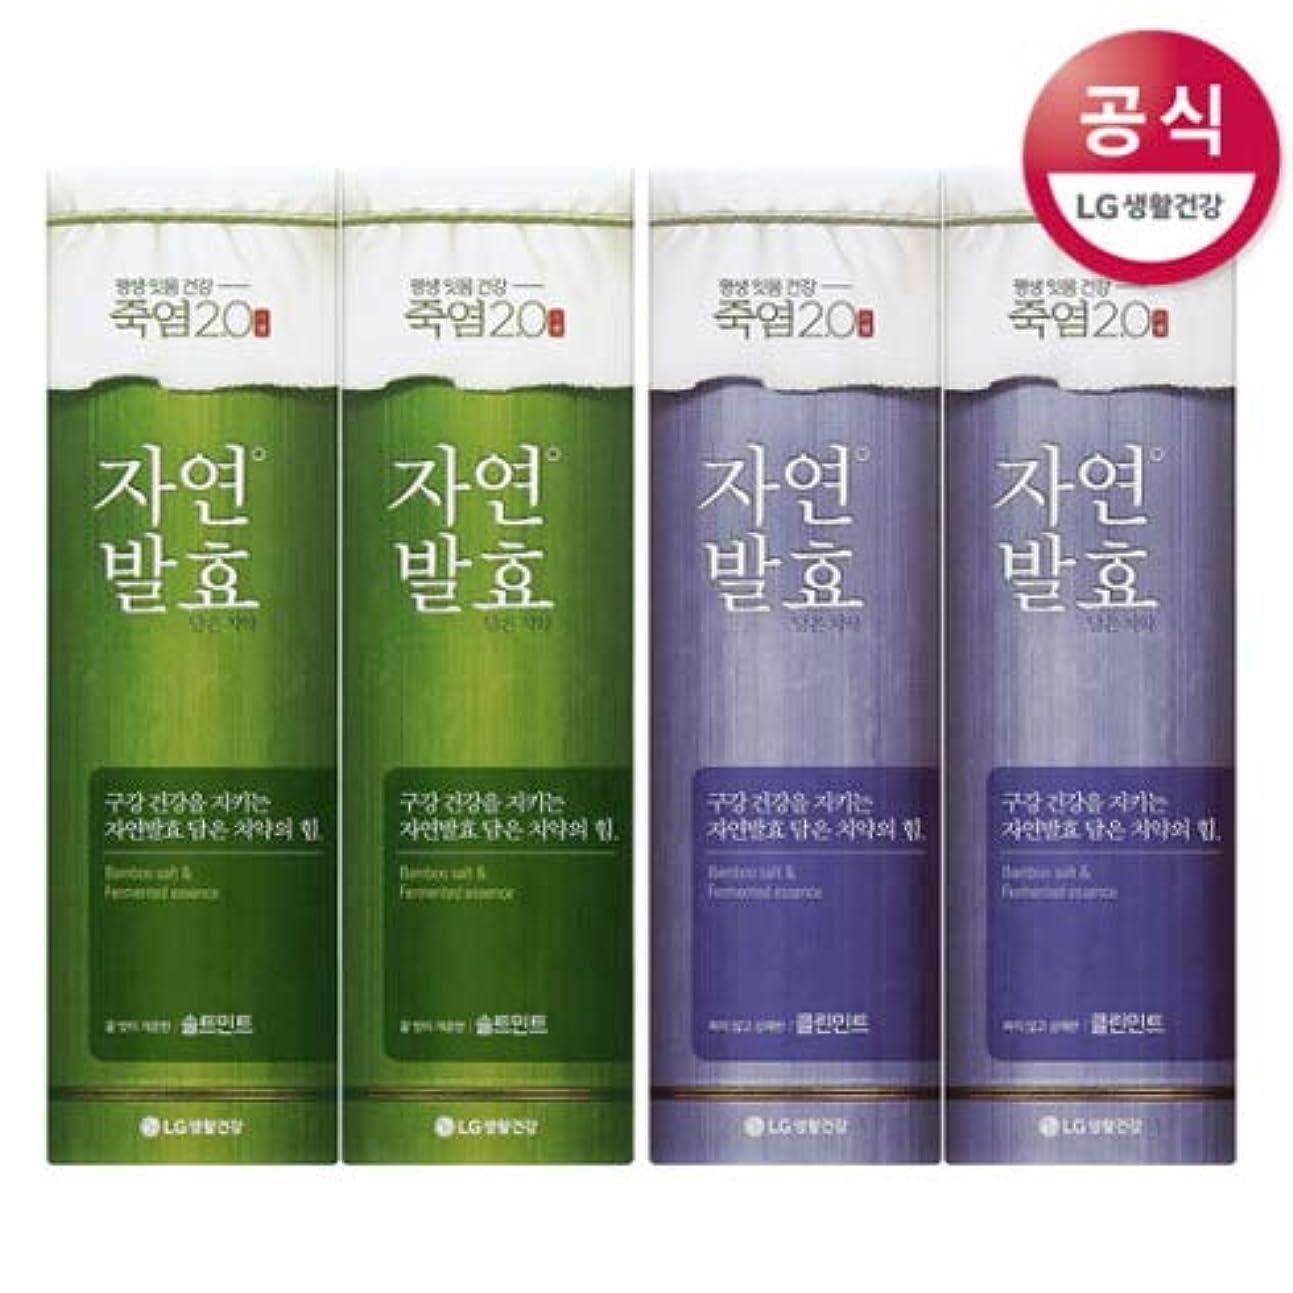 マイクロフォン狂った覆す[LG HnB] Bamboo salt natural fermentation toothpaste/竹塩自然発酵入れた歯磨き粉 100gx4個(海外直送品)